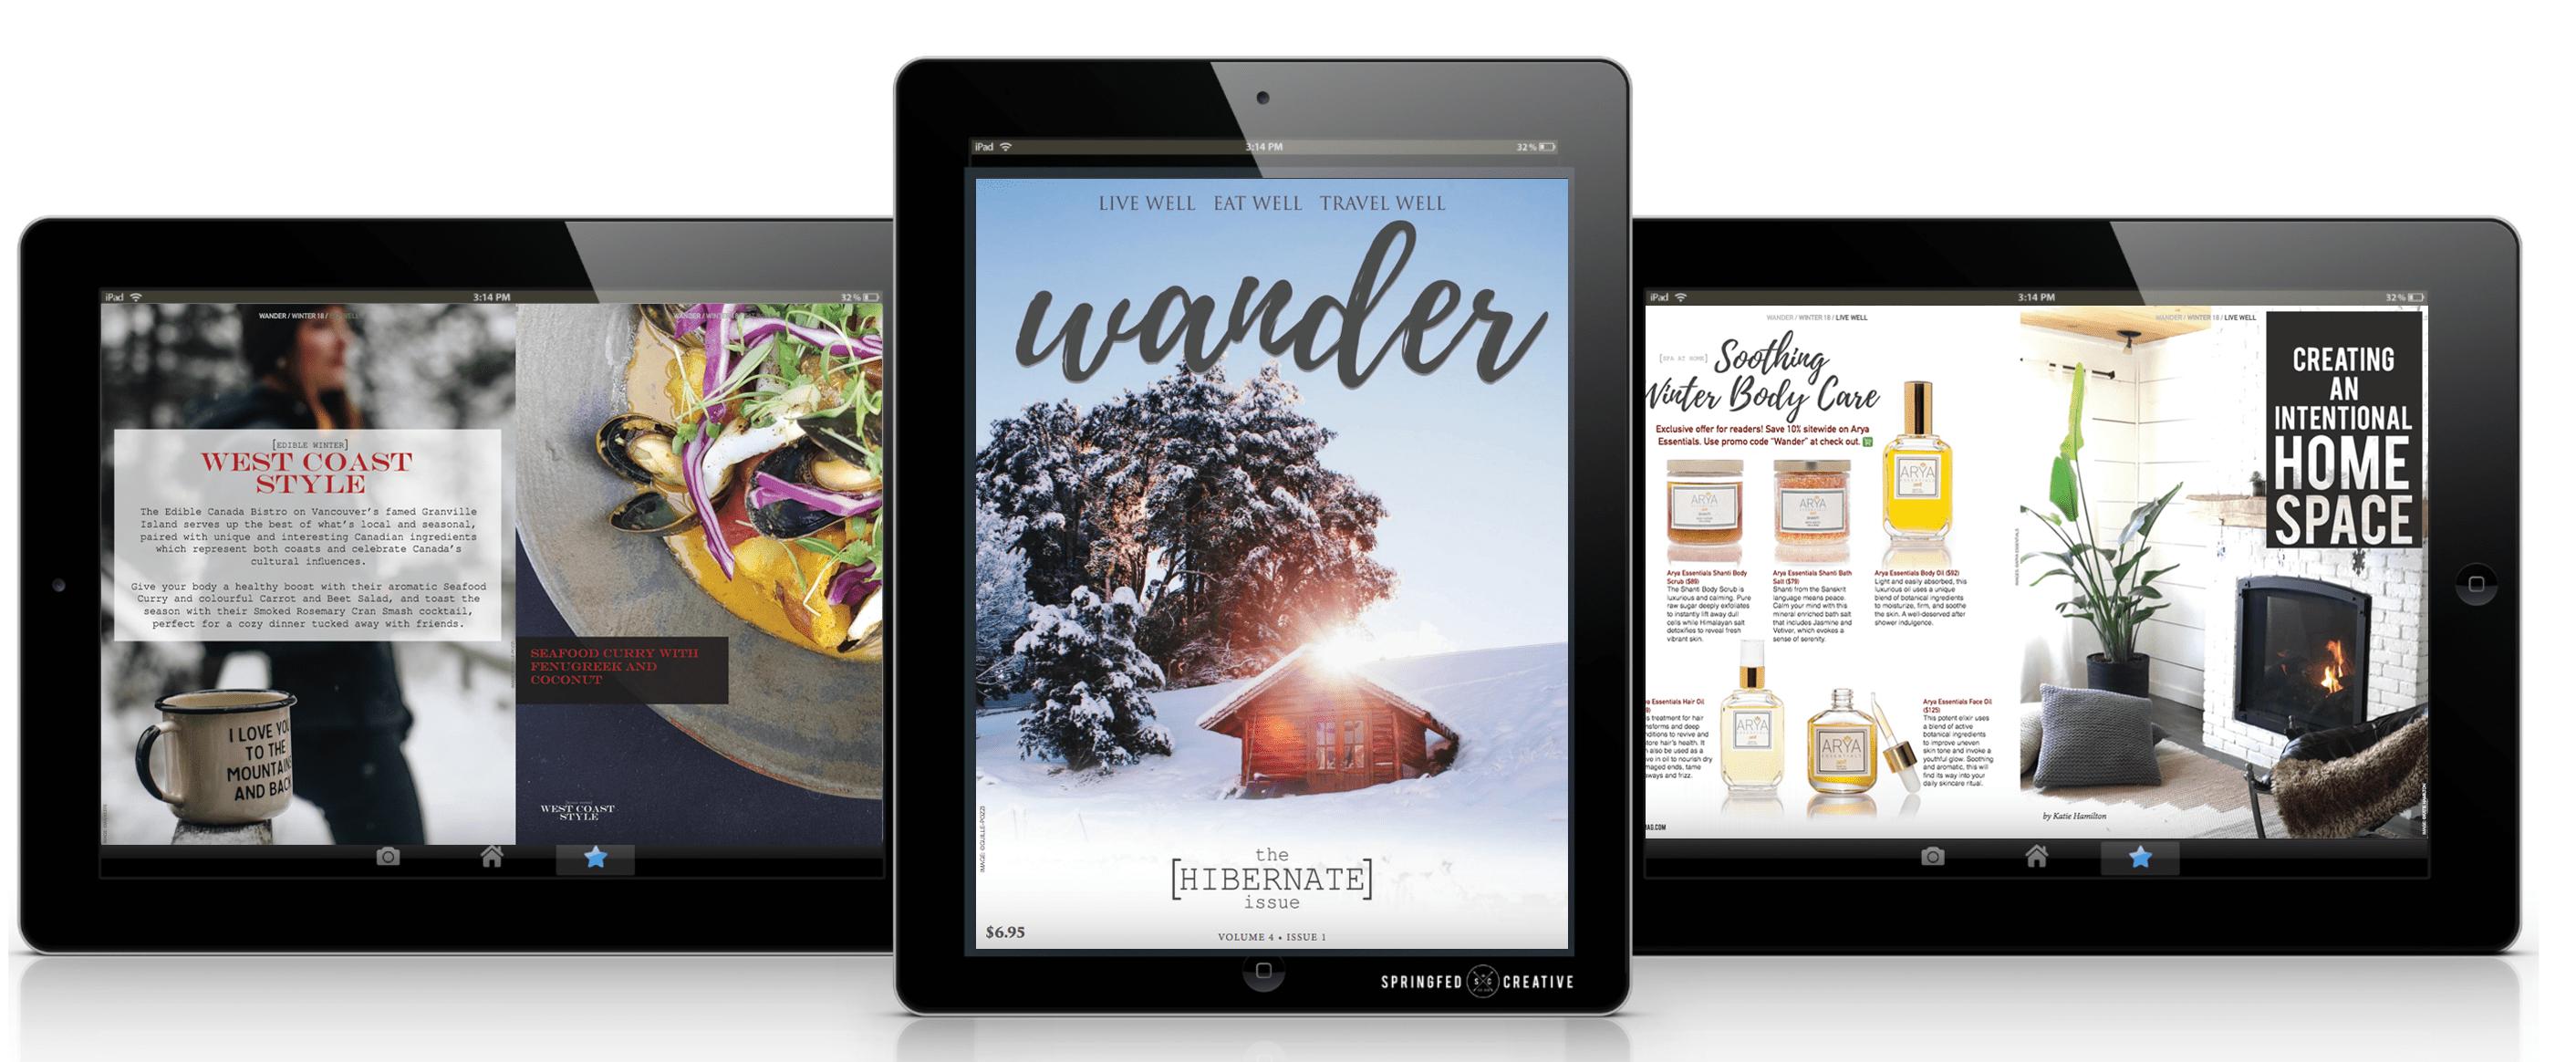 Wander Wellness Travel Magazine